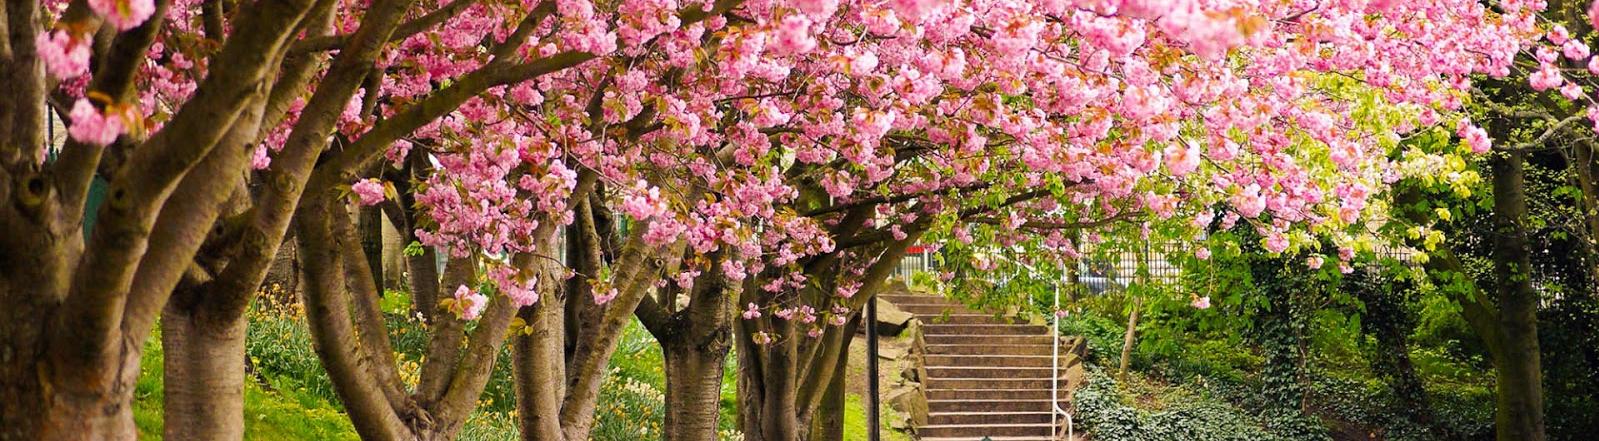 foto-lente-wallpapers-hd-lente-achtergronden-09-roze-bloesem-aan-boom-1599x441